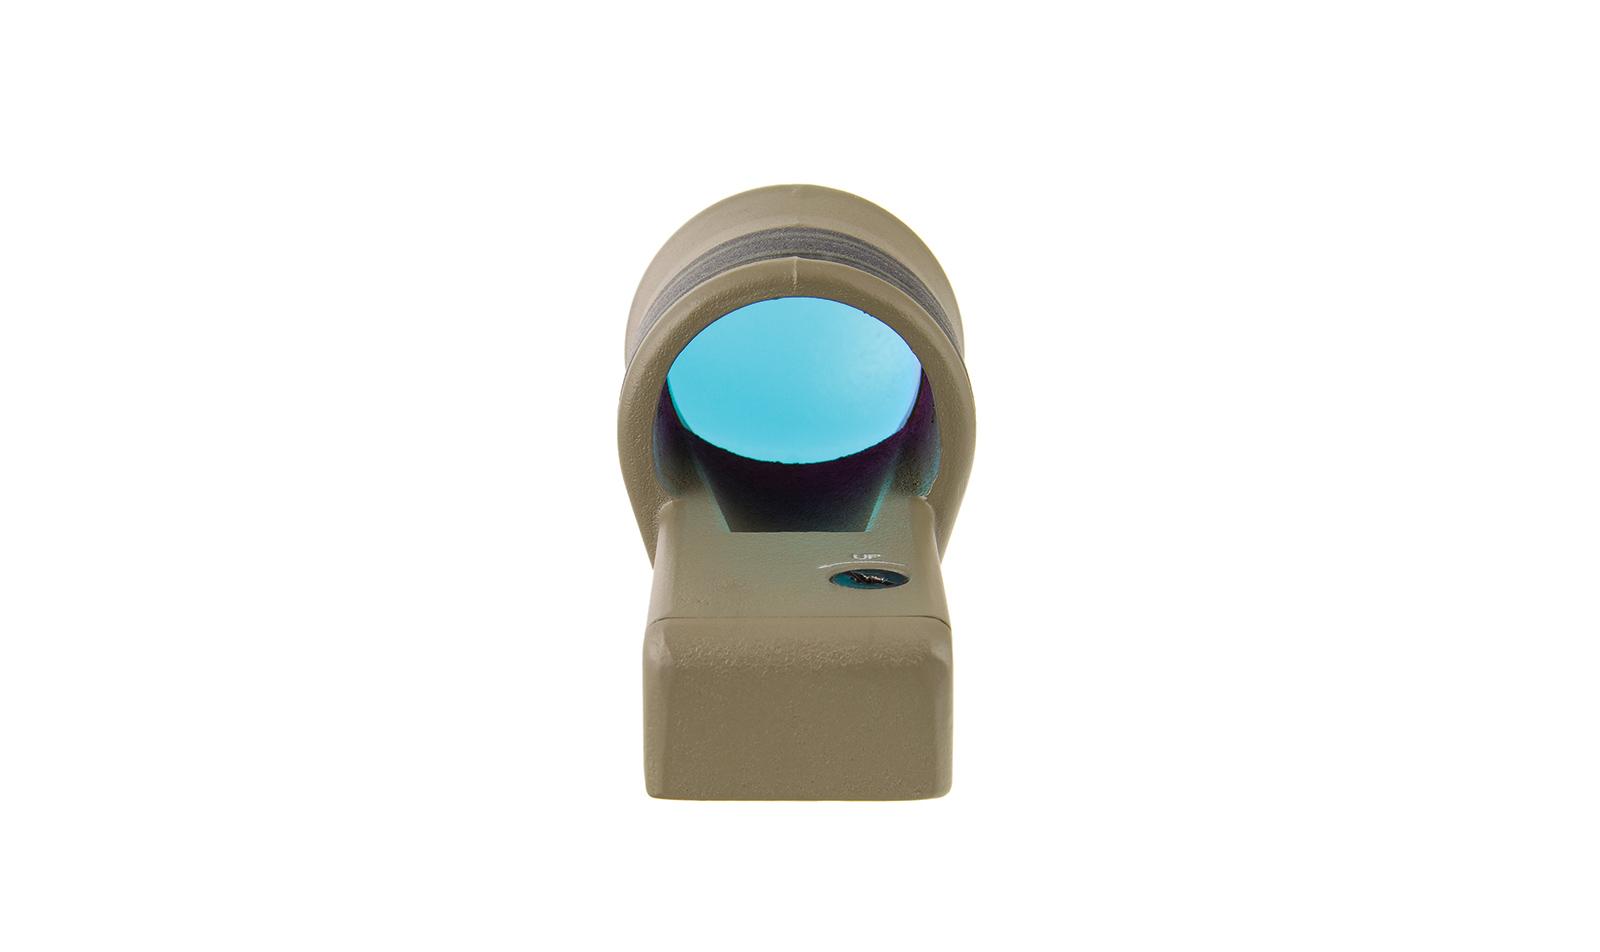 RX34-C-800094 angle 4